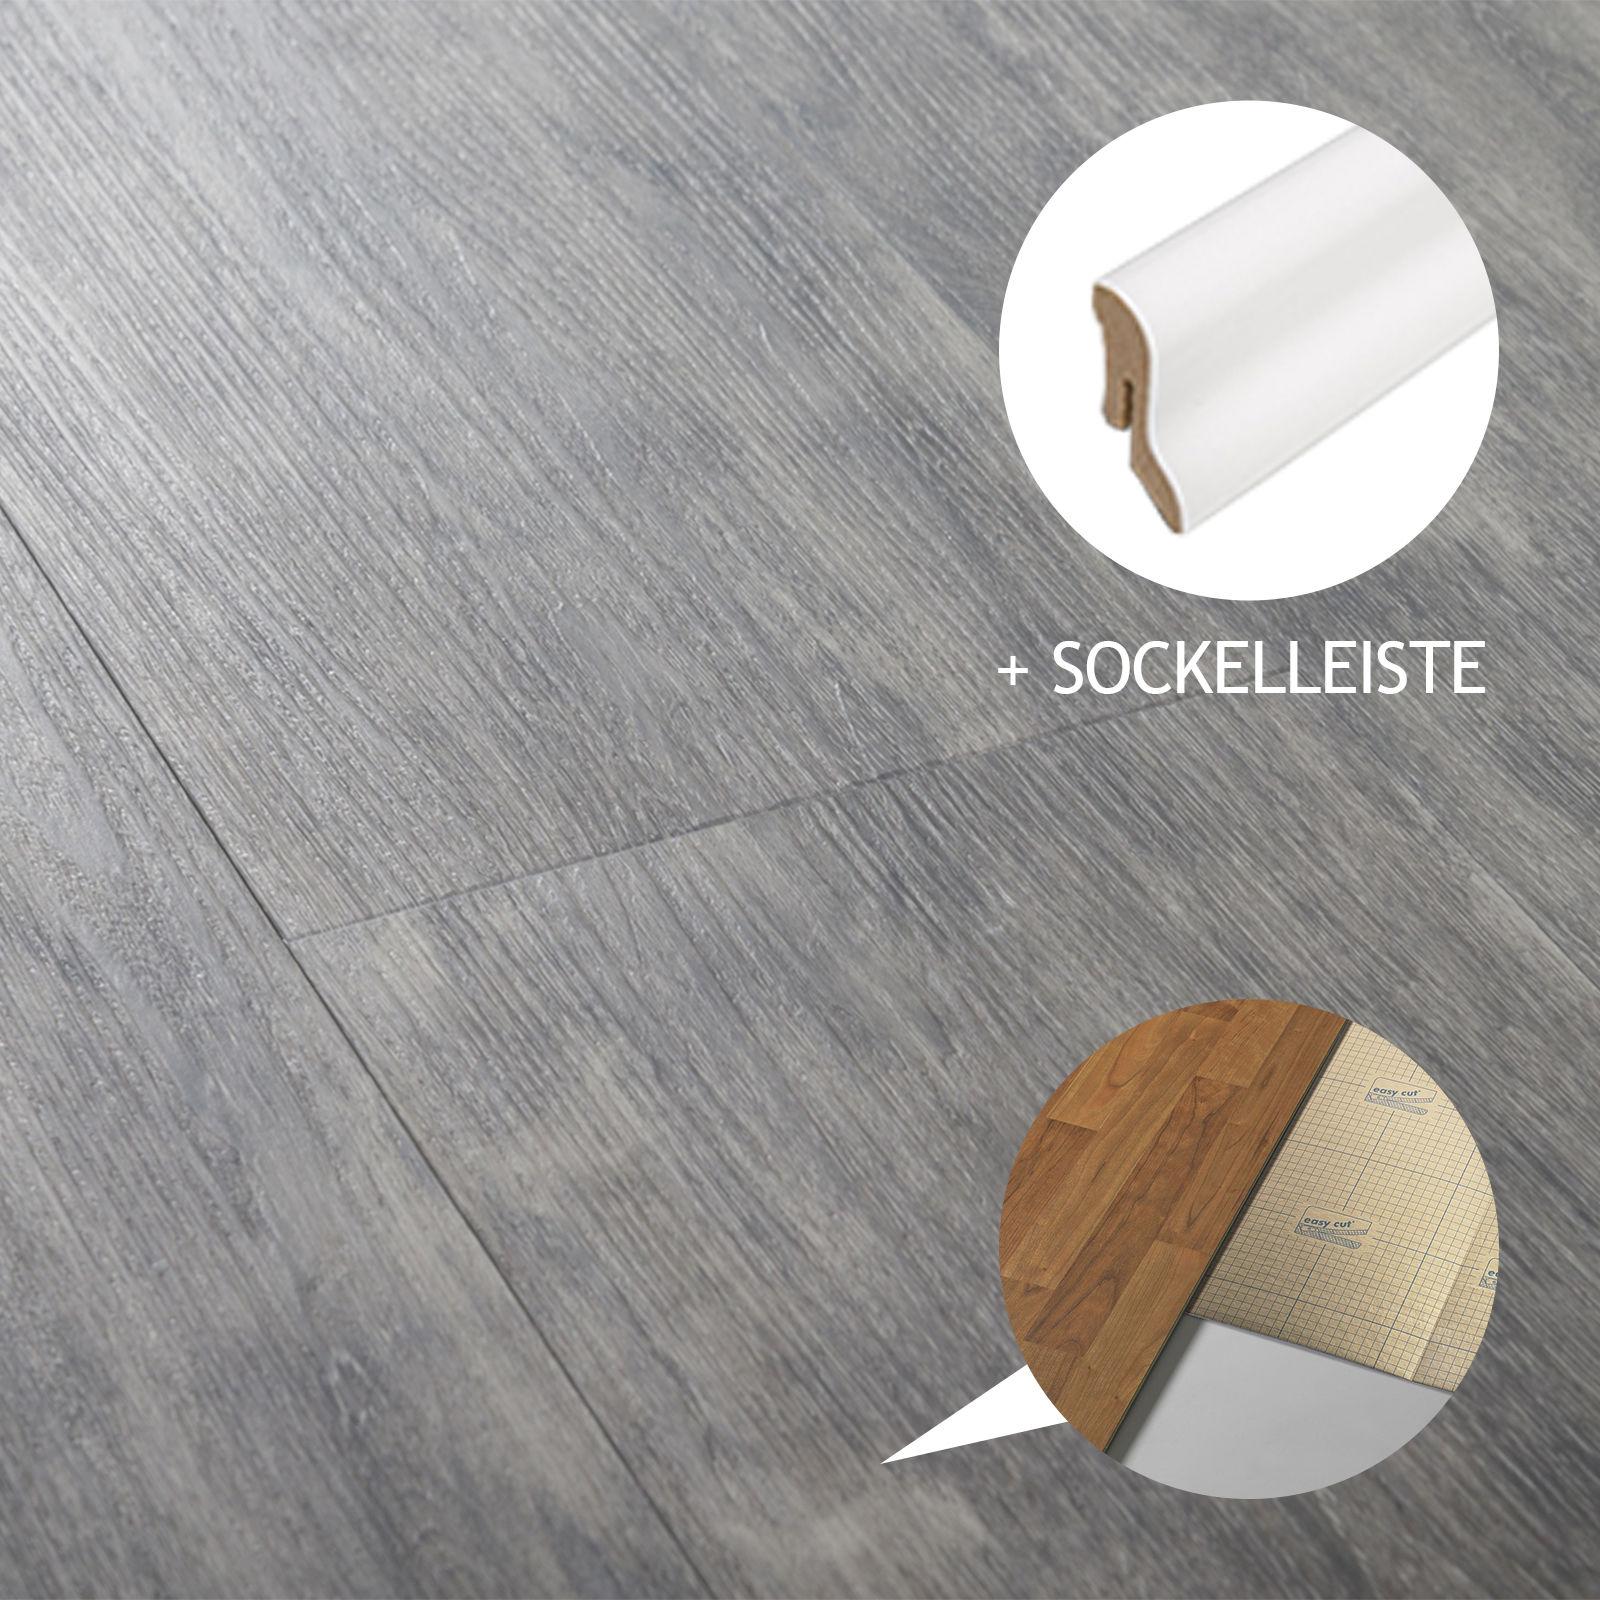 hori vinylboden pvc klick boden eiche adelaide schlossdiele dämmung